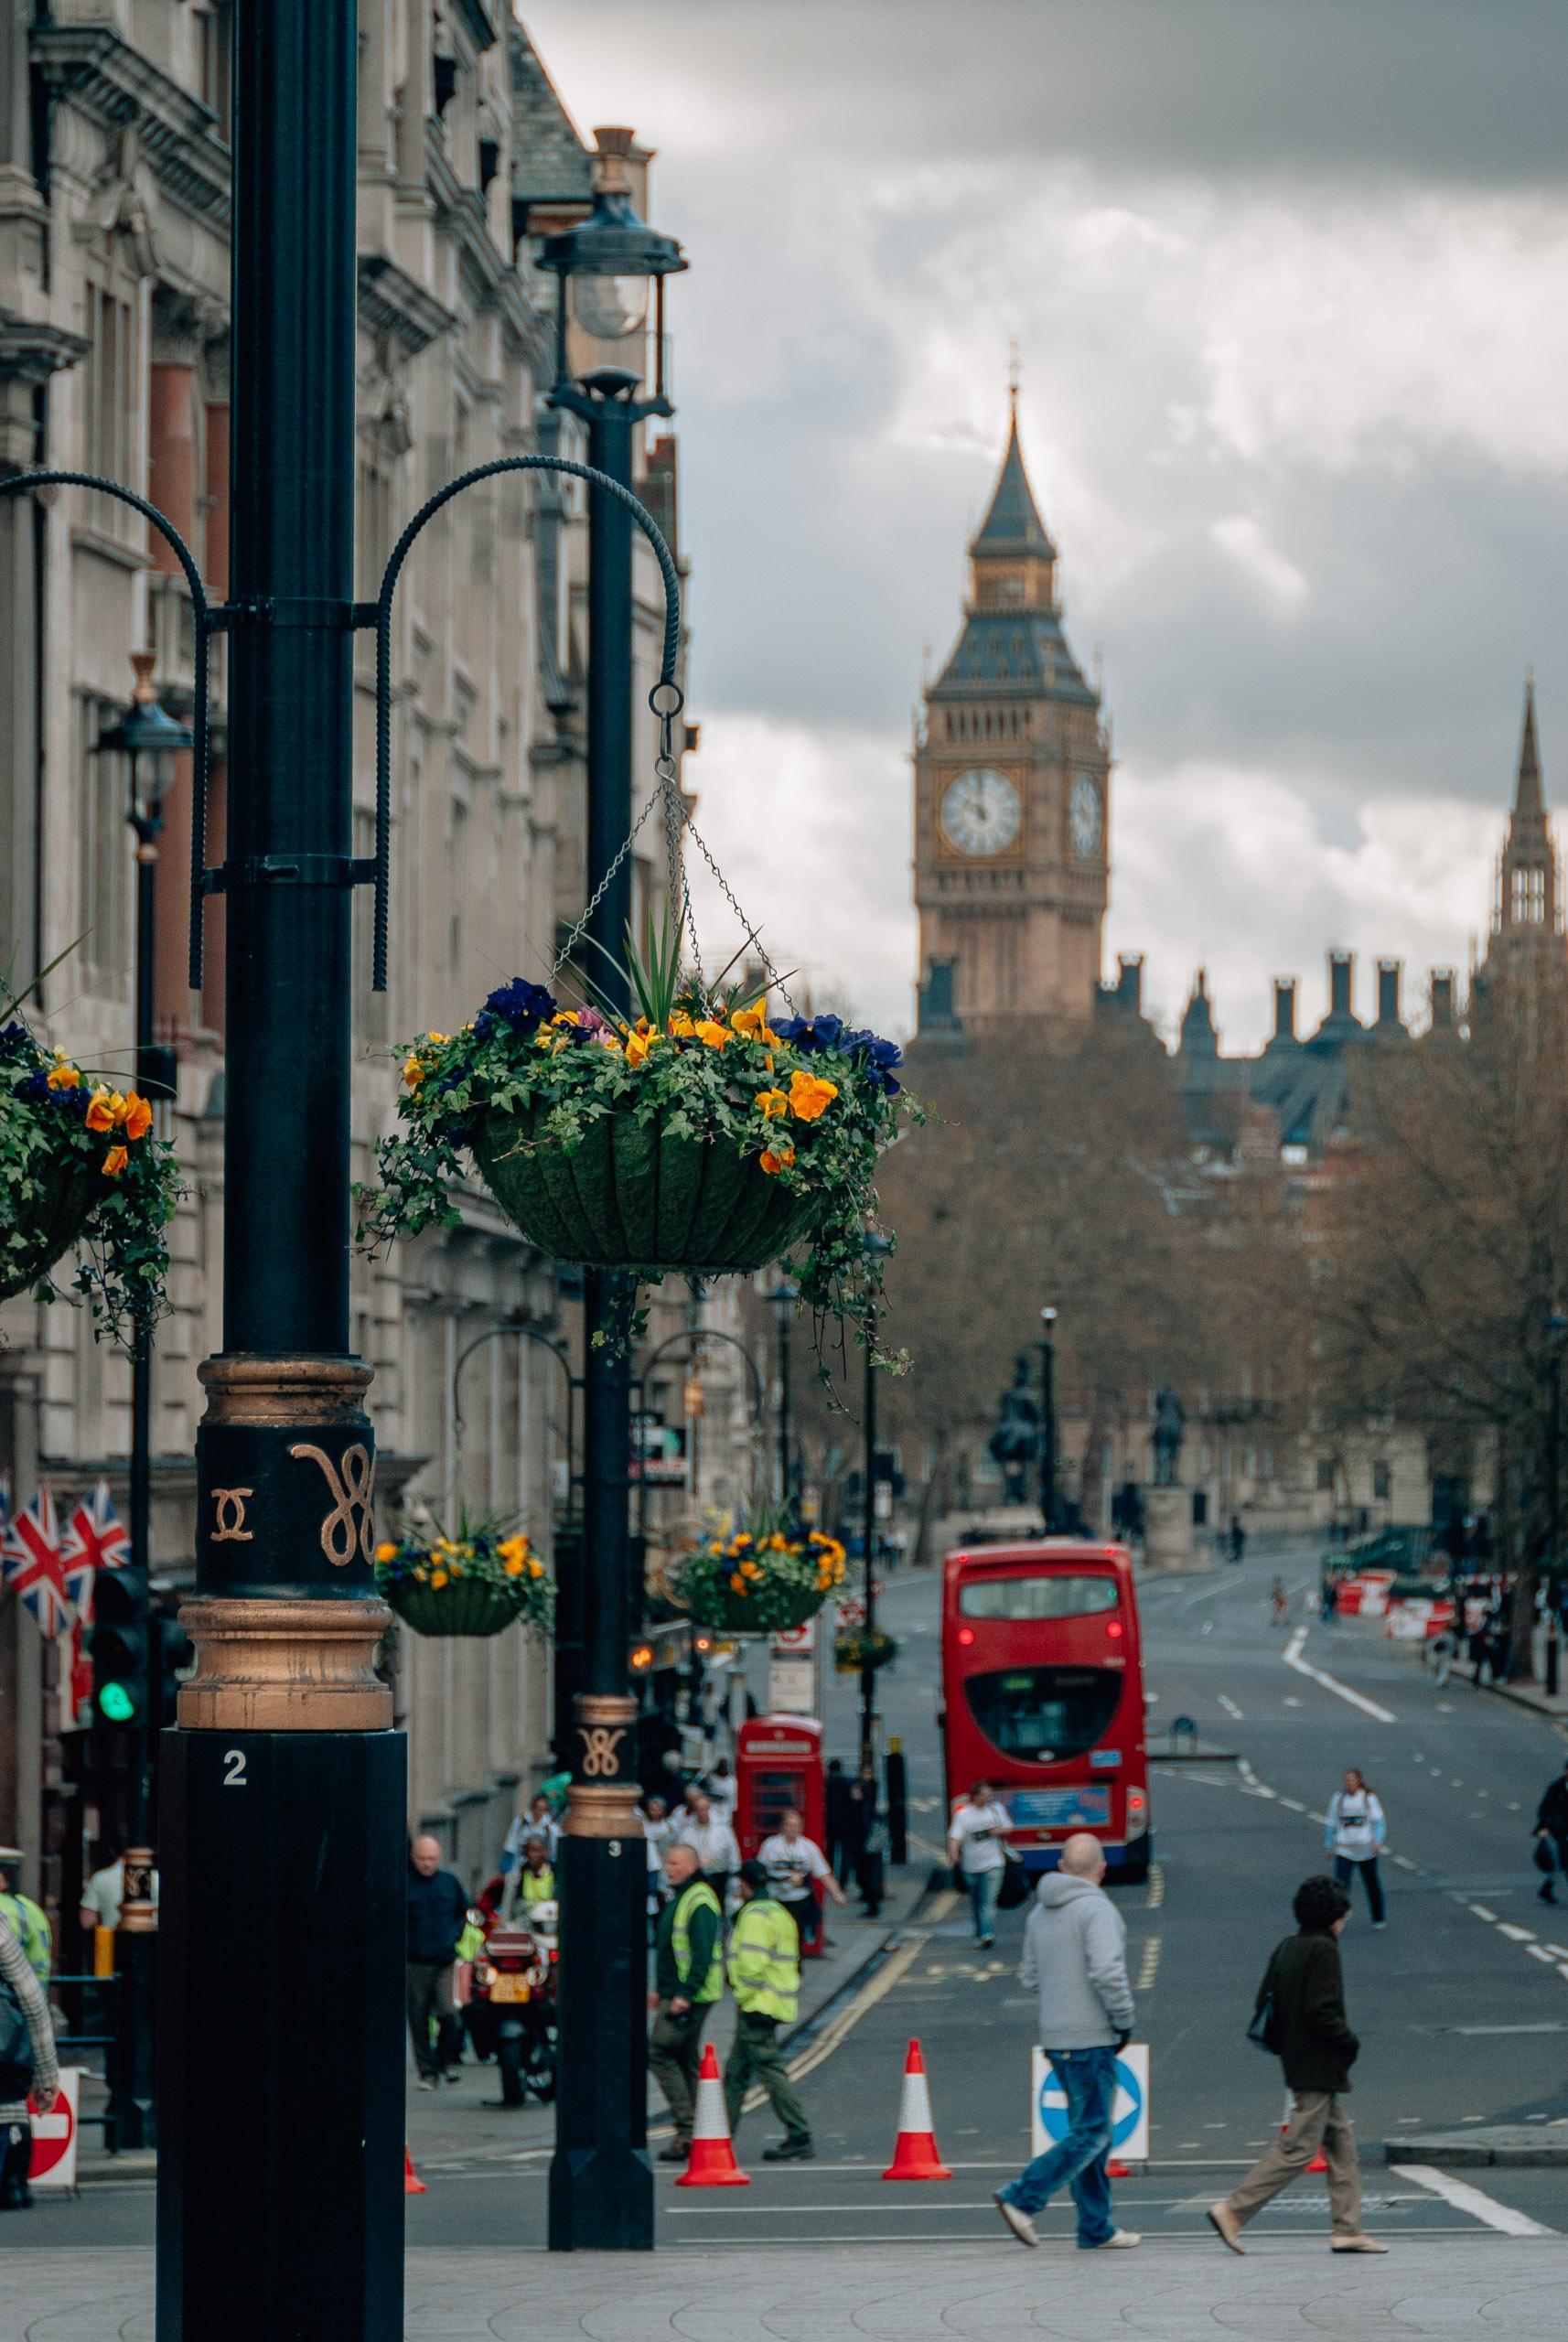 London - 2008-0412-DSC_0008_102394